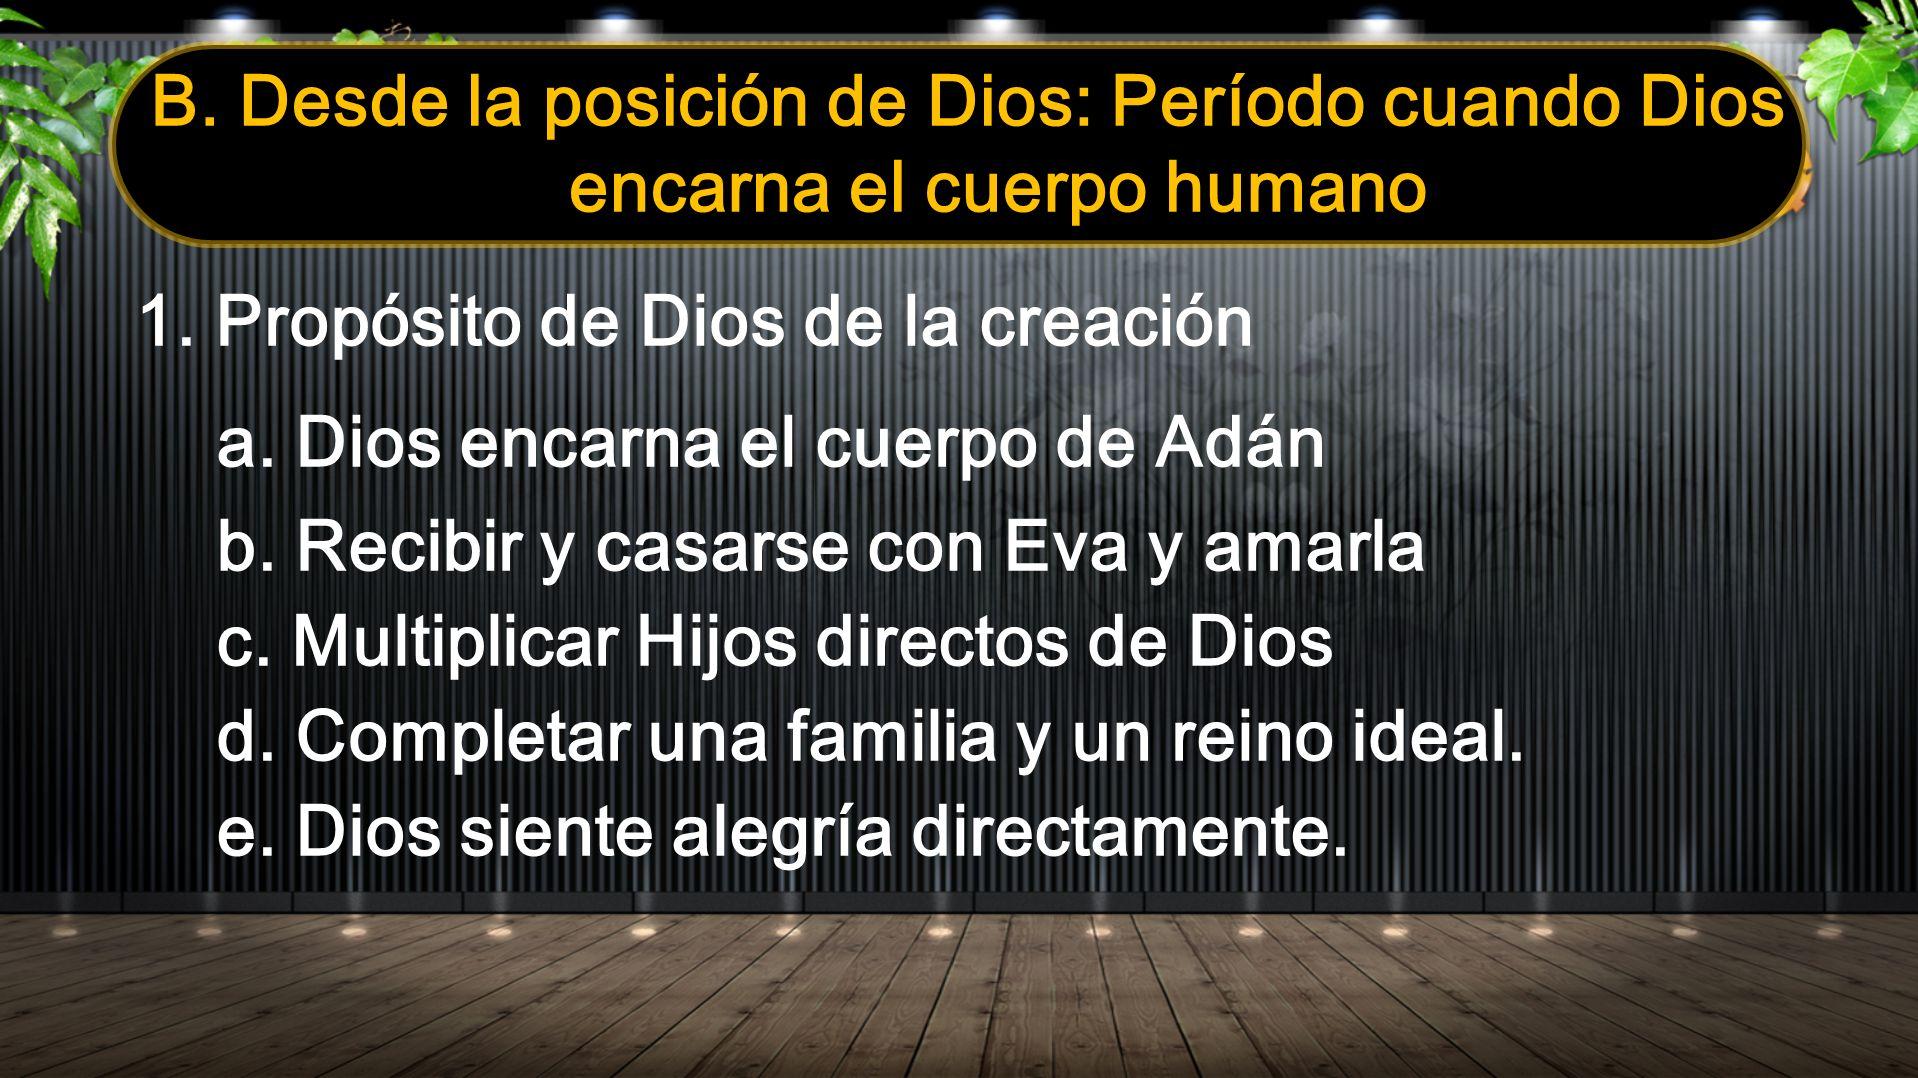 B. Desde la posición de Dios: Período cuando Dios encarna el cuerpo humano